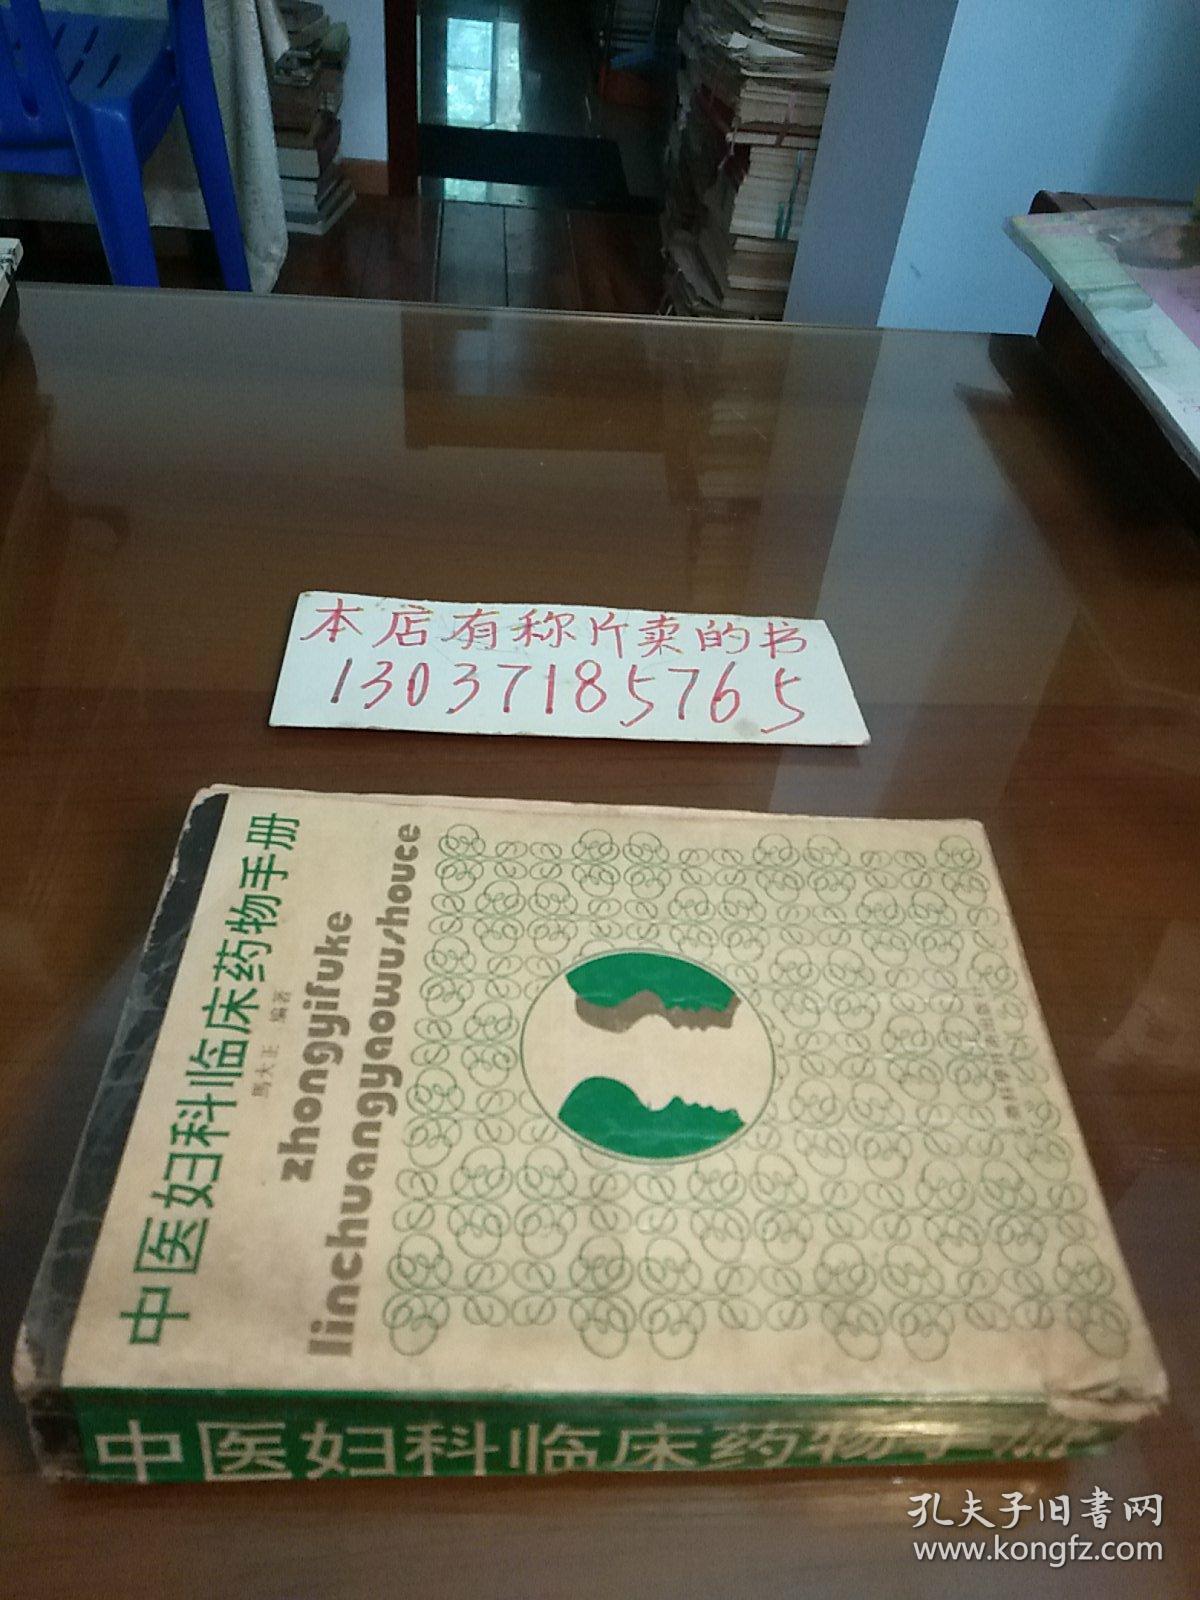 中医临床秘方,中医药文化传承